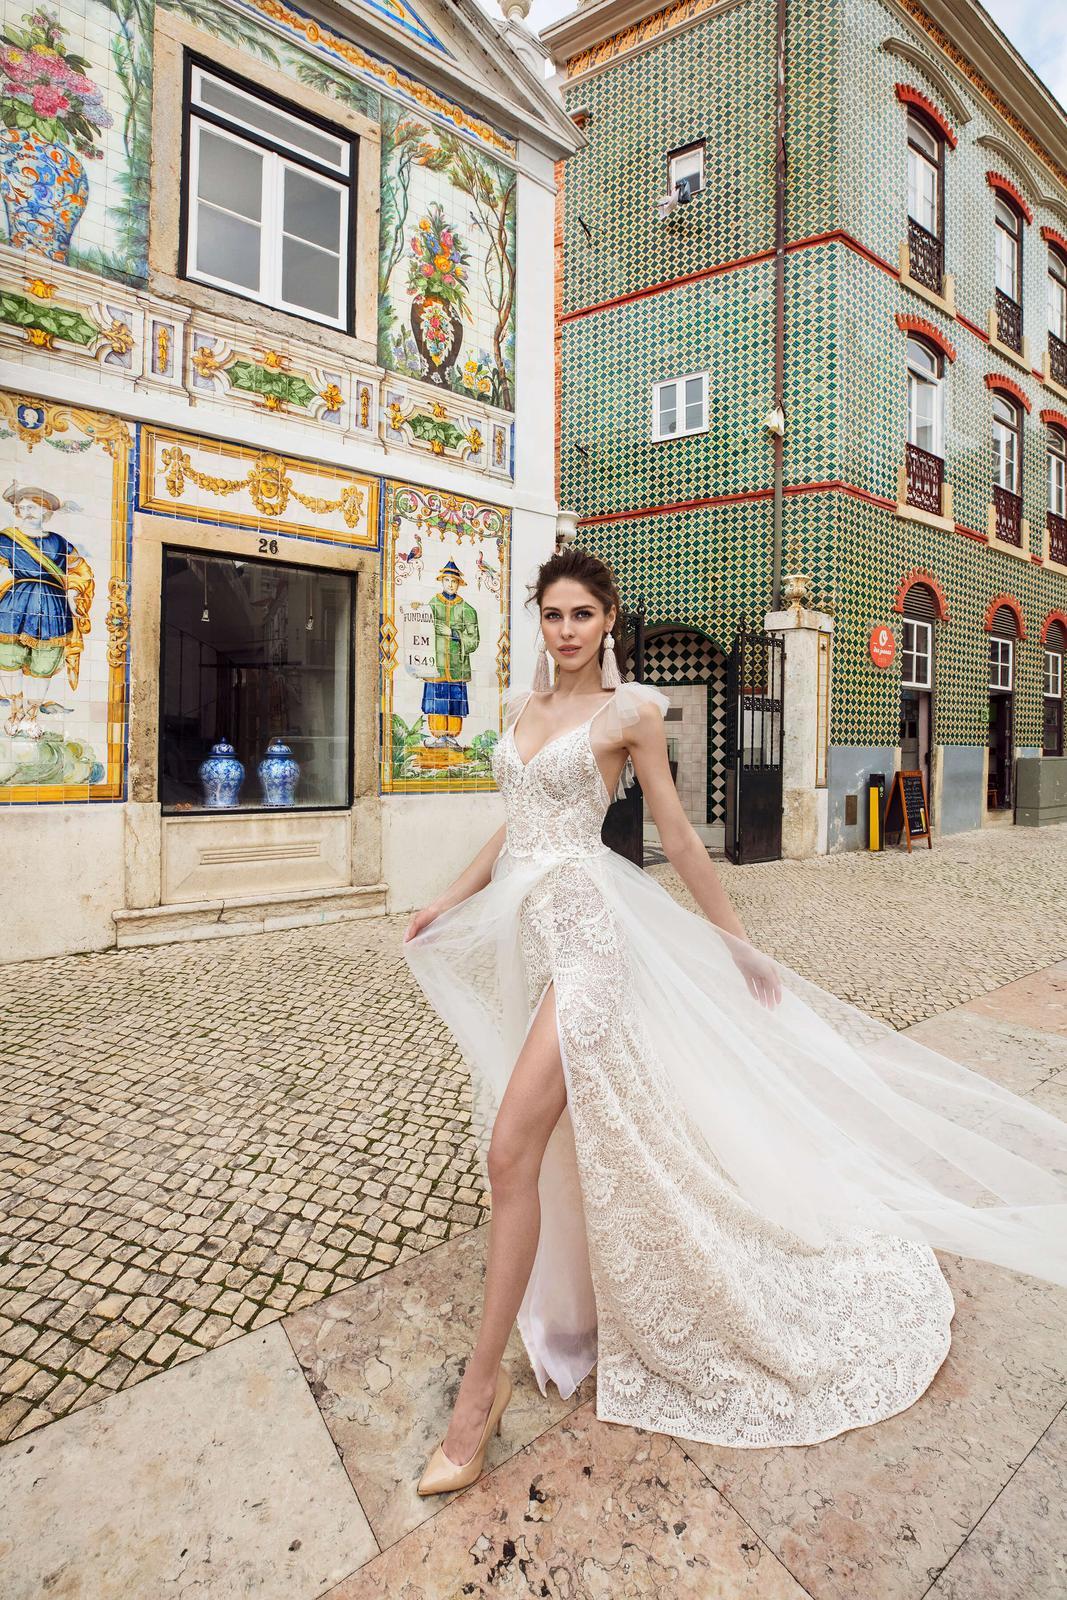 Innocentia Divina 2019 * Svadobné šaty z kolekcií na rok 2019 - Obrázok č. 12